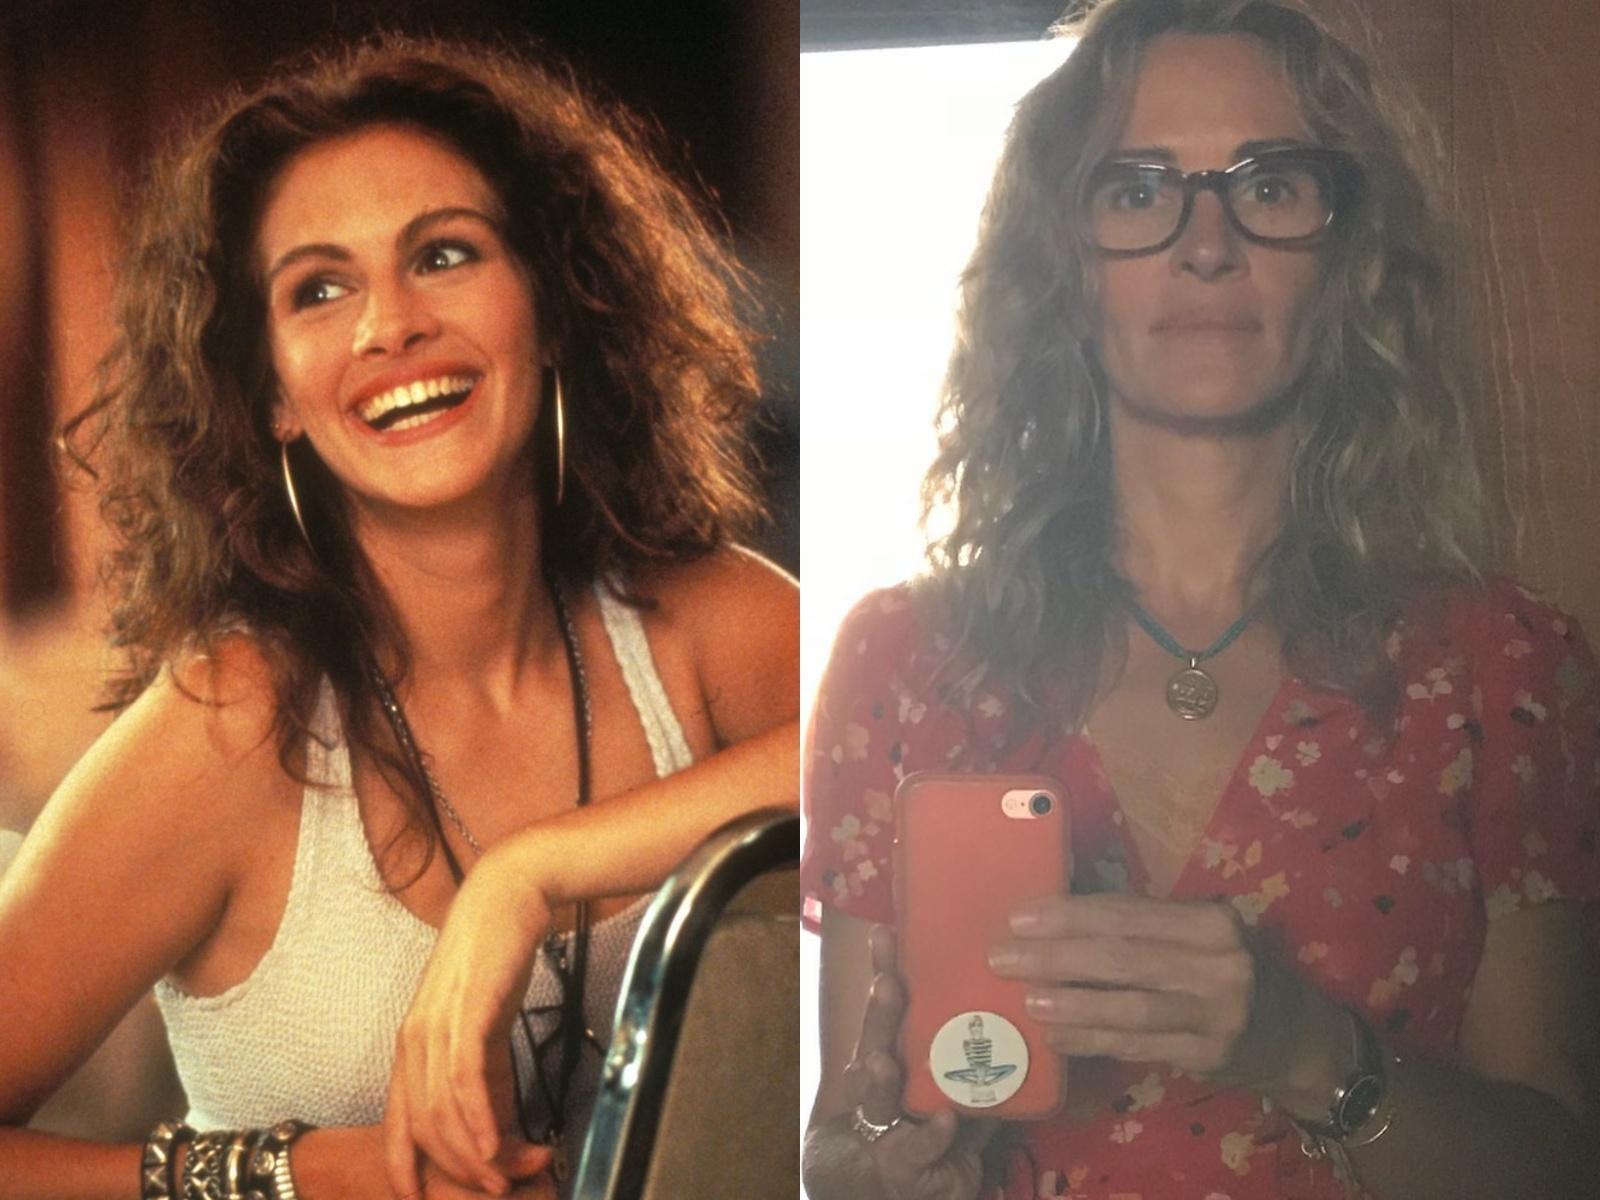 """Справа — новое селфи Джулии Робертс. Слева — кадр из фильма """"Красотка"""" © """"Кинопоиск"""", фото © Instagram / juliaroberts"""